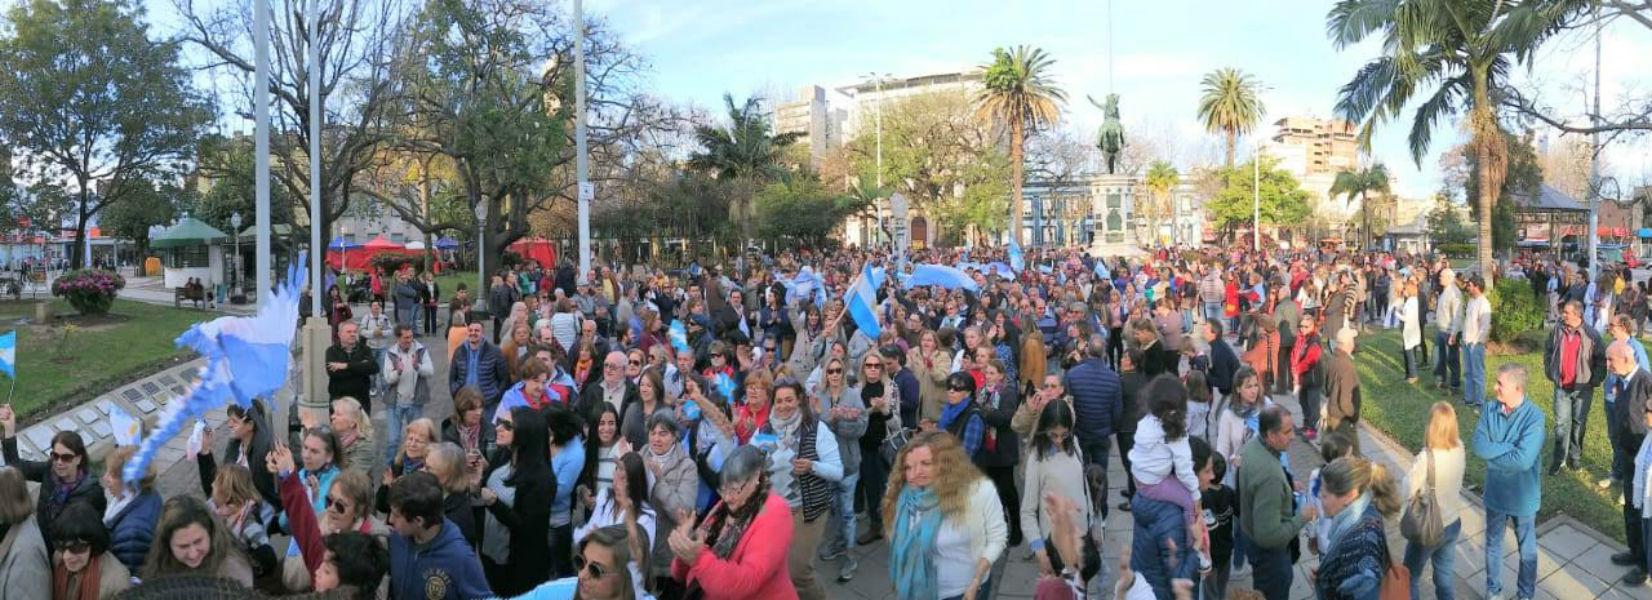 La multitud se reunió en la plaza